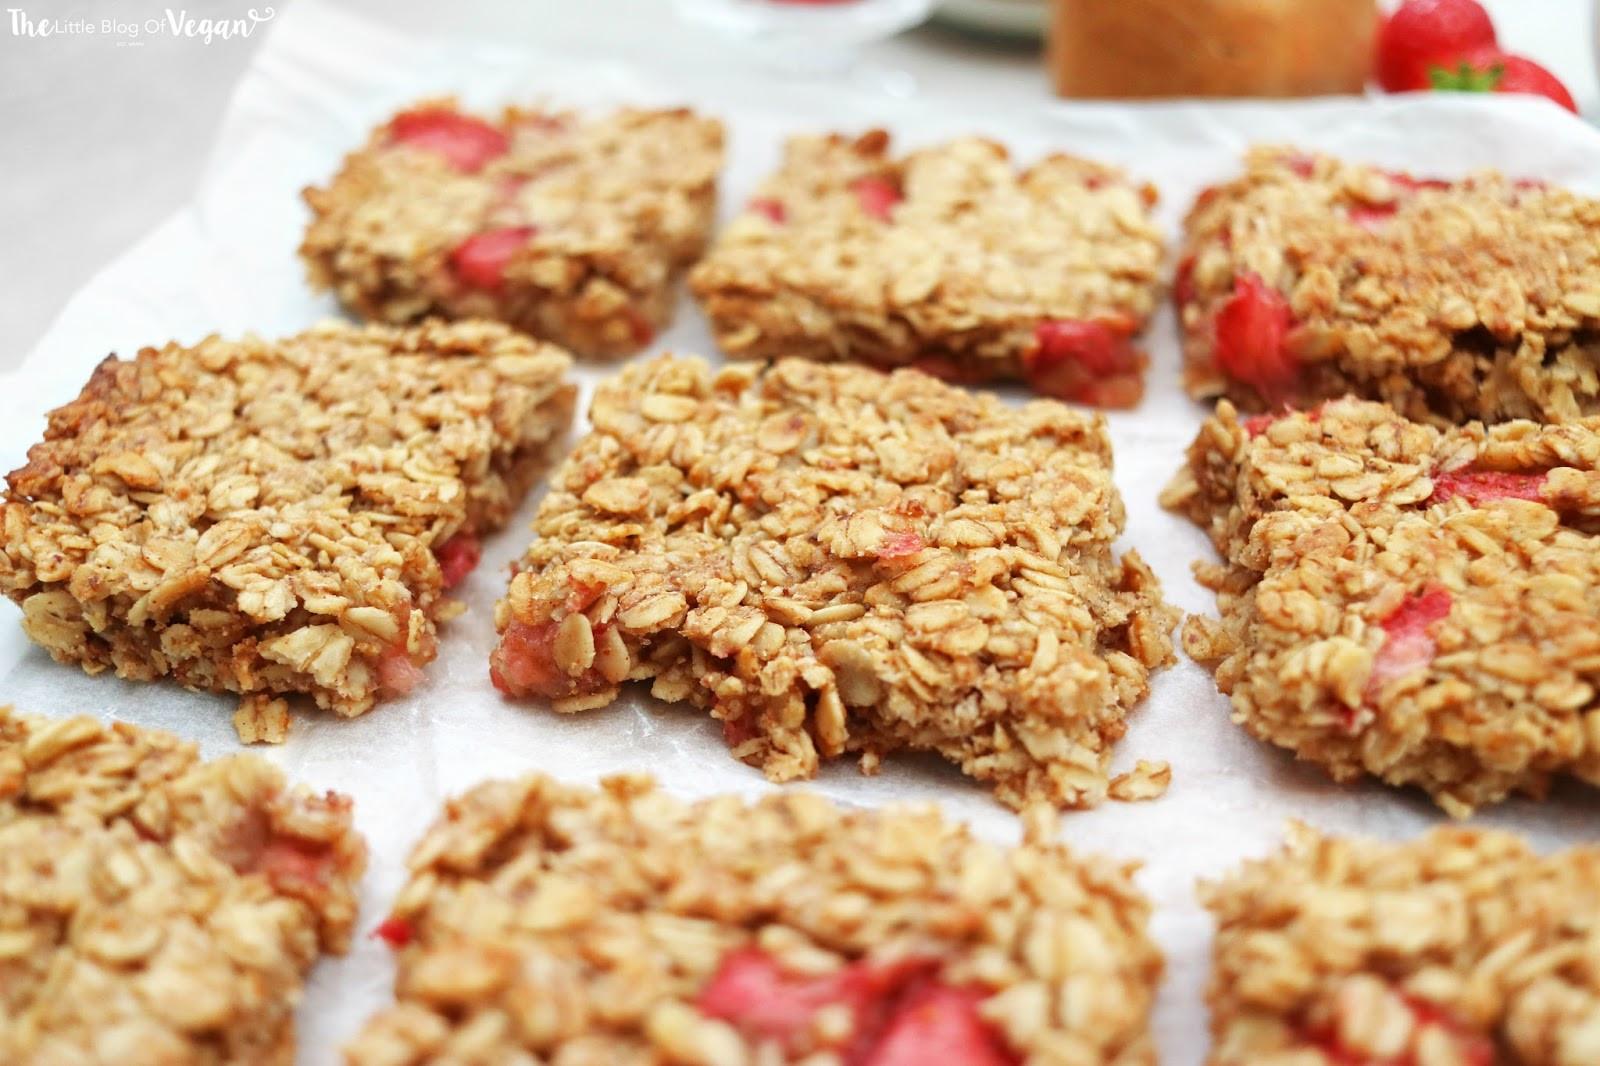 Breakfast Bar Recipes  Strawberry oat breakfast bar recipe